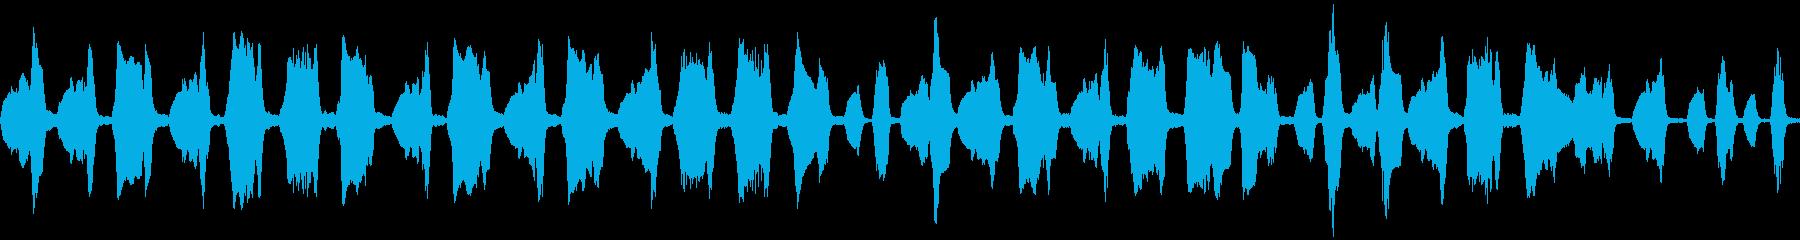 フルートのほのぼのとしたかわいい曲の再生済みの波形